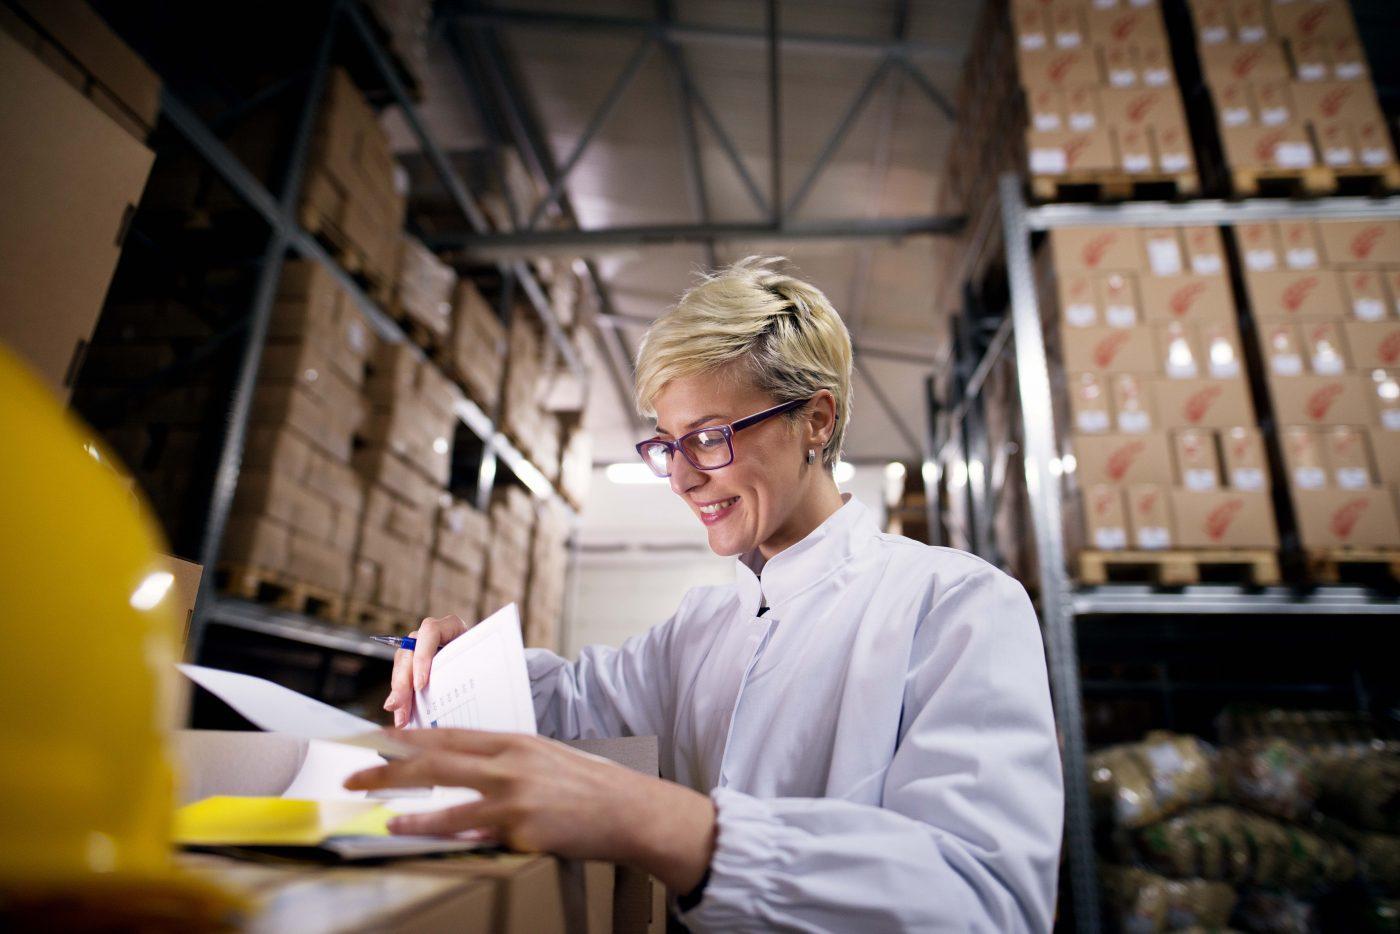 Réaliser un audit fournisseur selon l'ISO 9001:2015